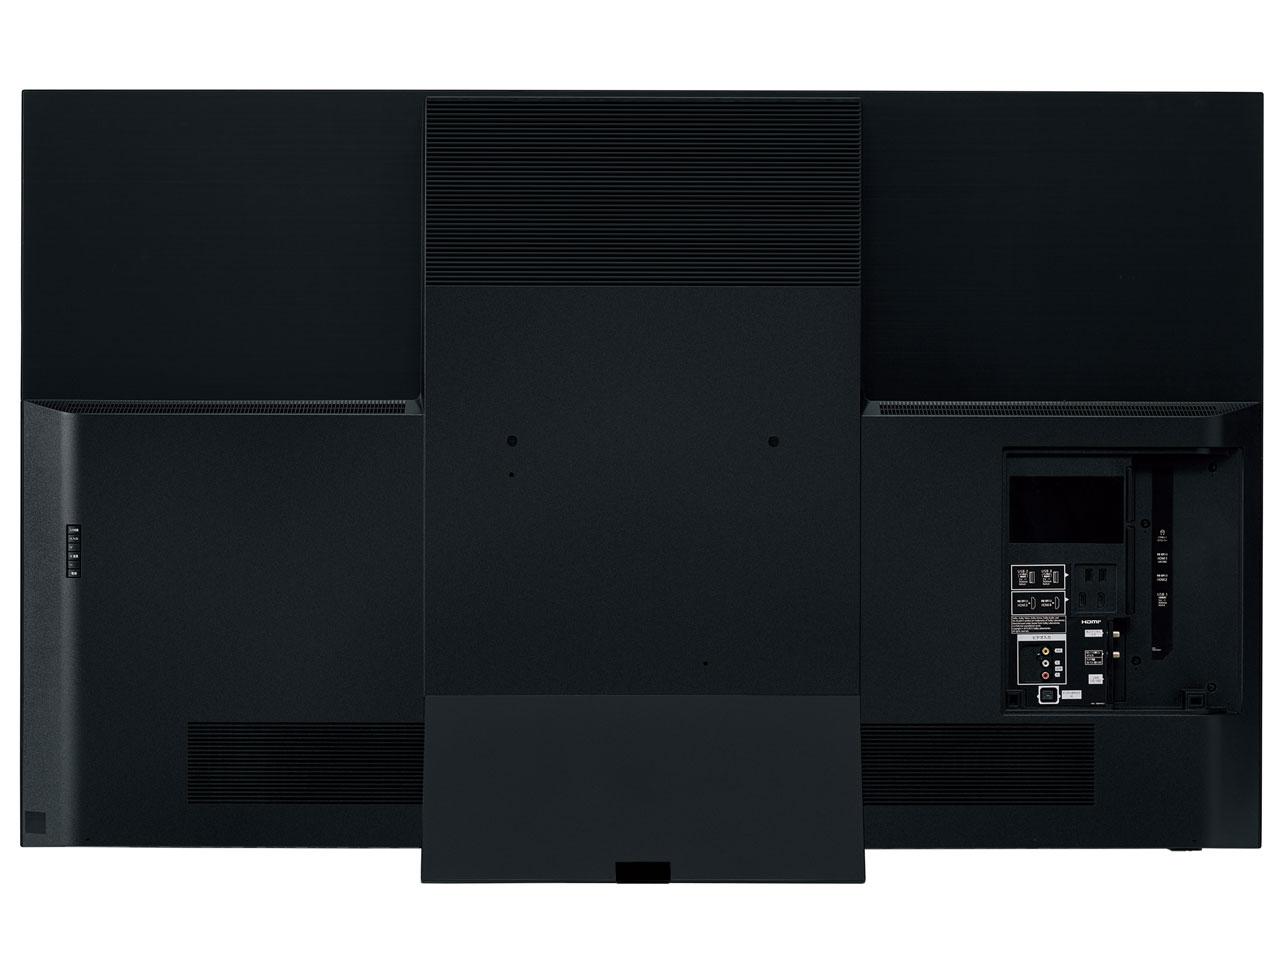 『本体 背面1』 VIERA TH-65GZ2000 [65インチ] の製品画像